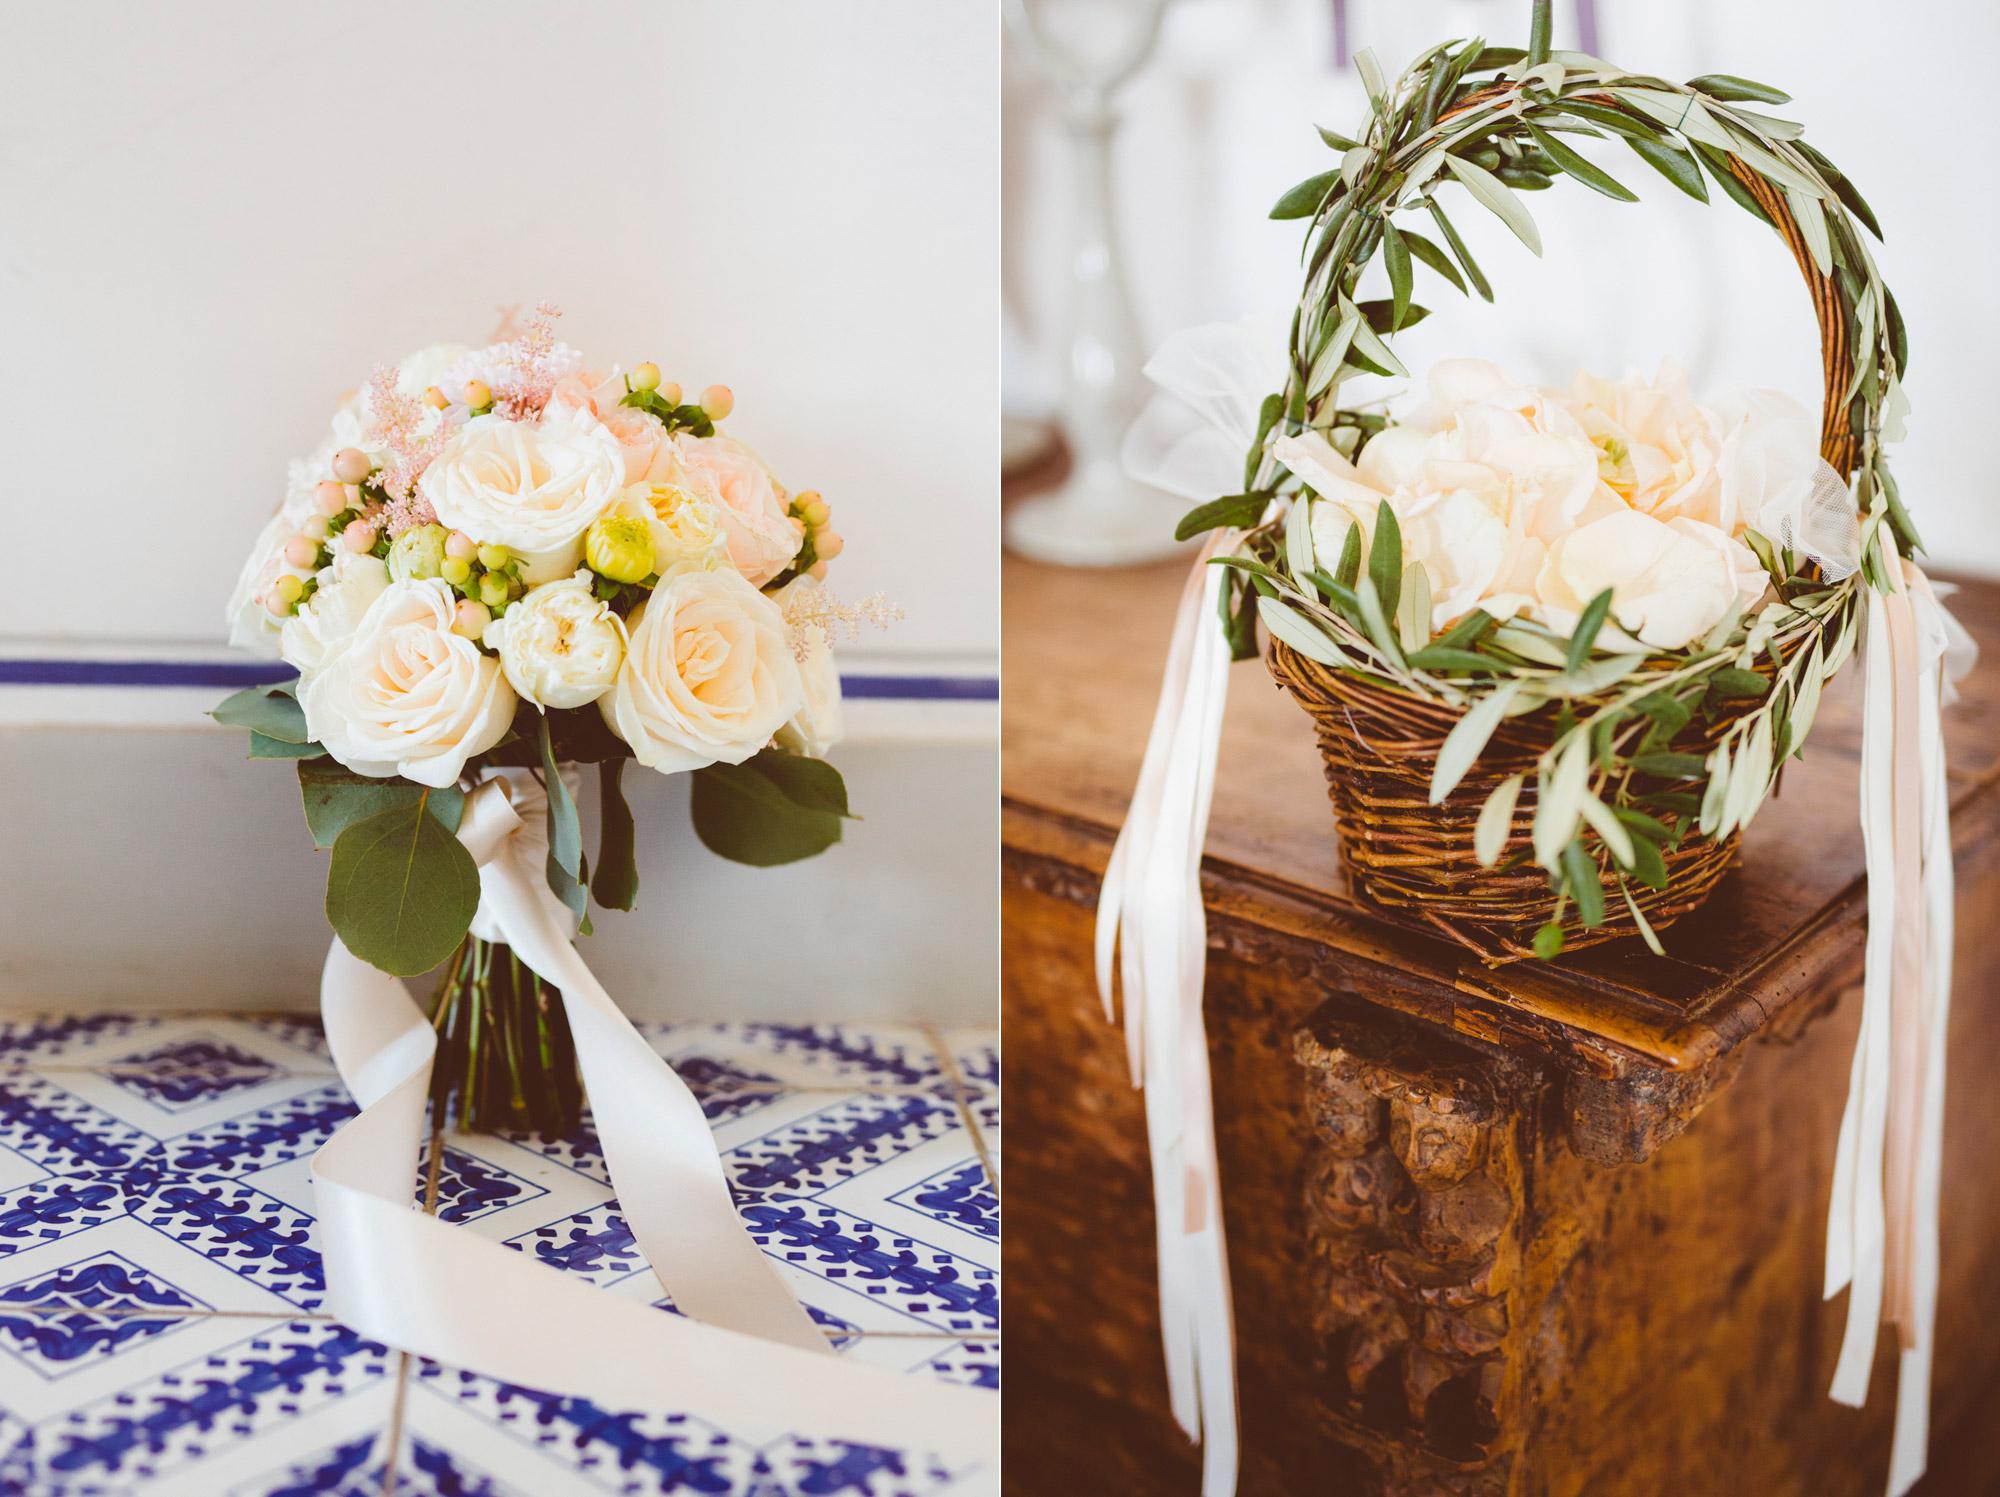 010-santamarinella-wedding-castello-odescalchi.jpg